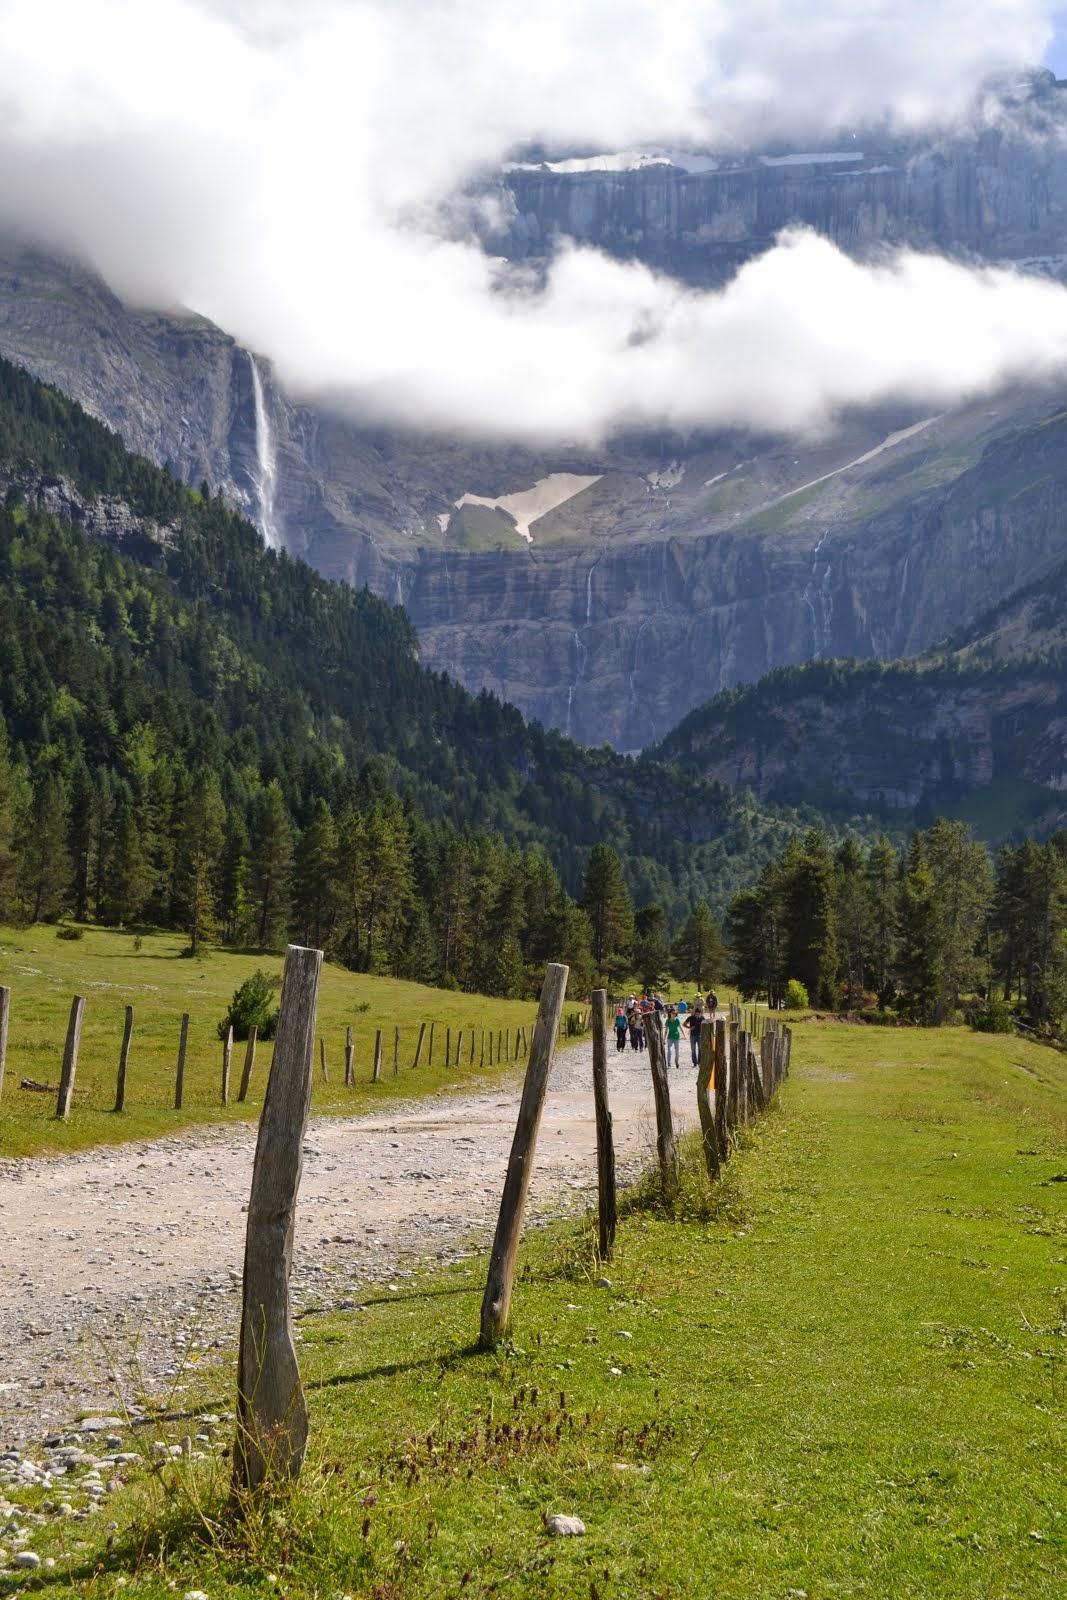 'Pensando en la llegada olvidamos la belleza del camino...'